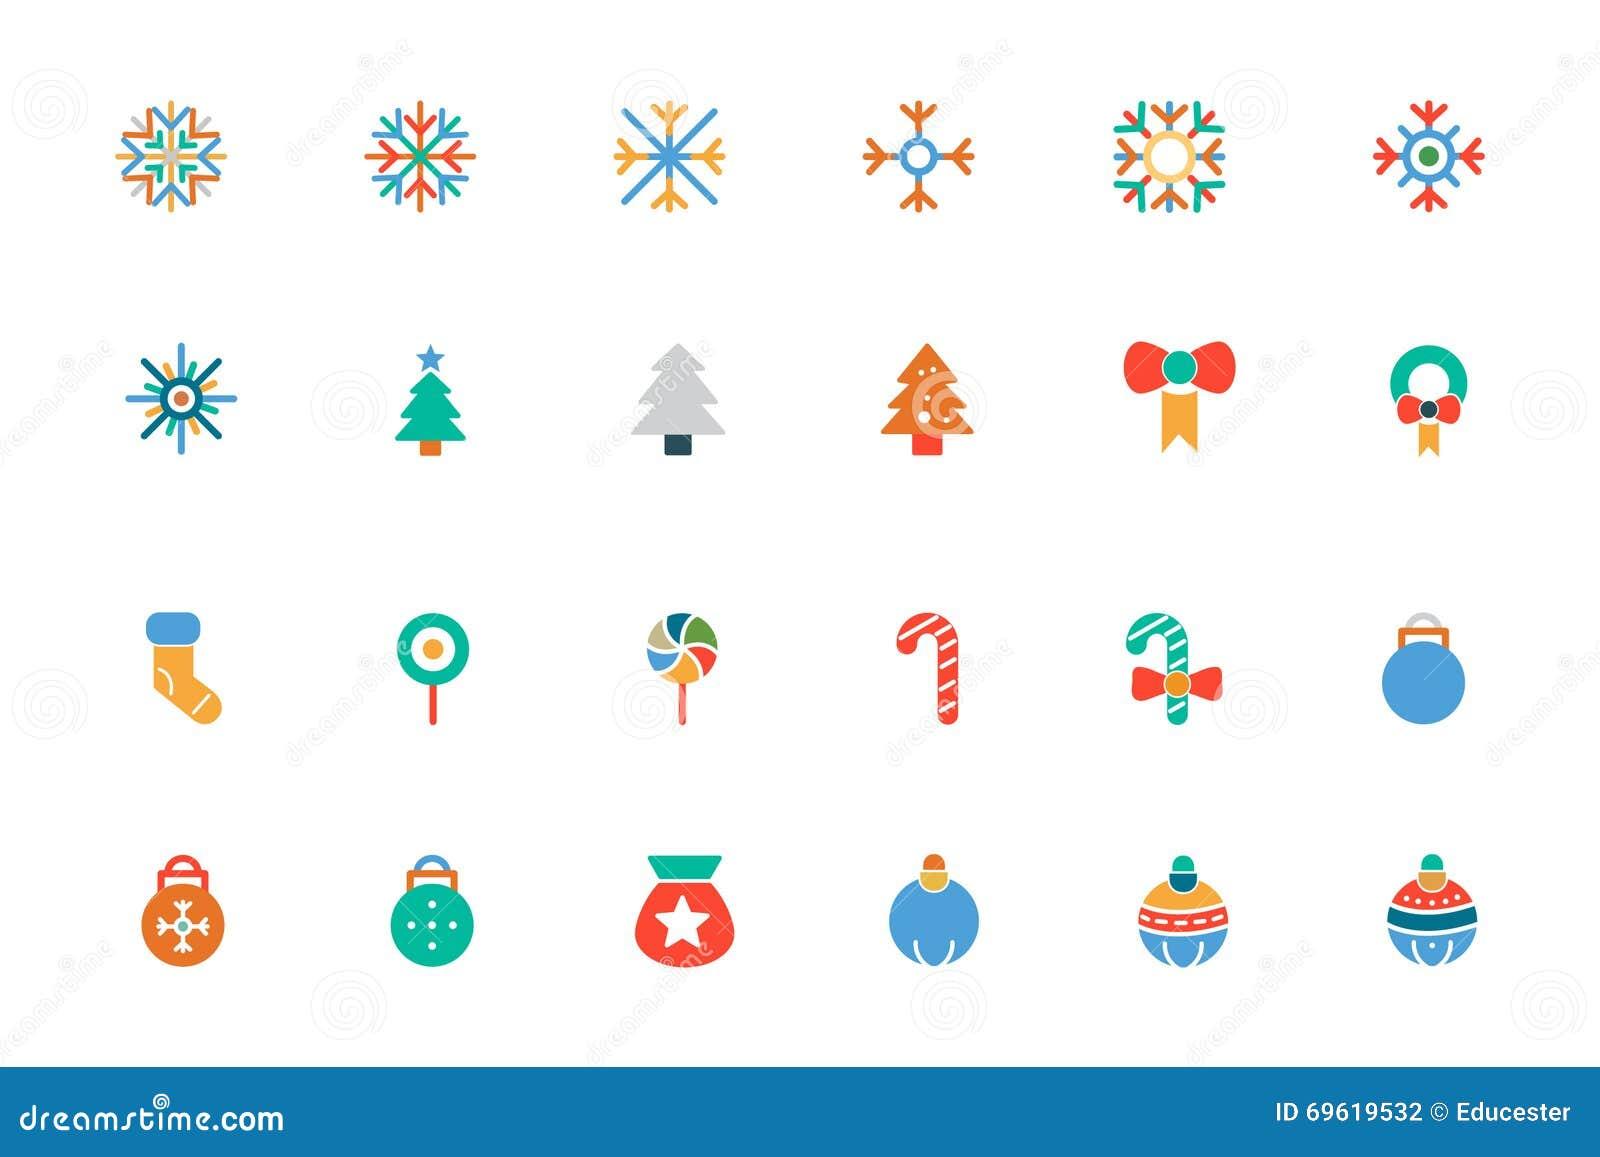 Crystal Garland For Christmas Tree